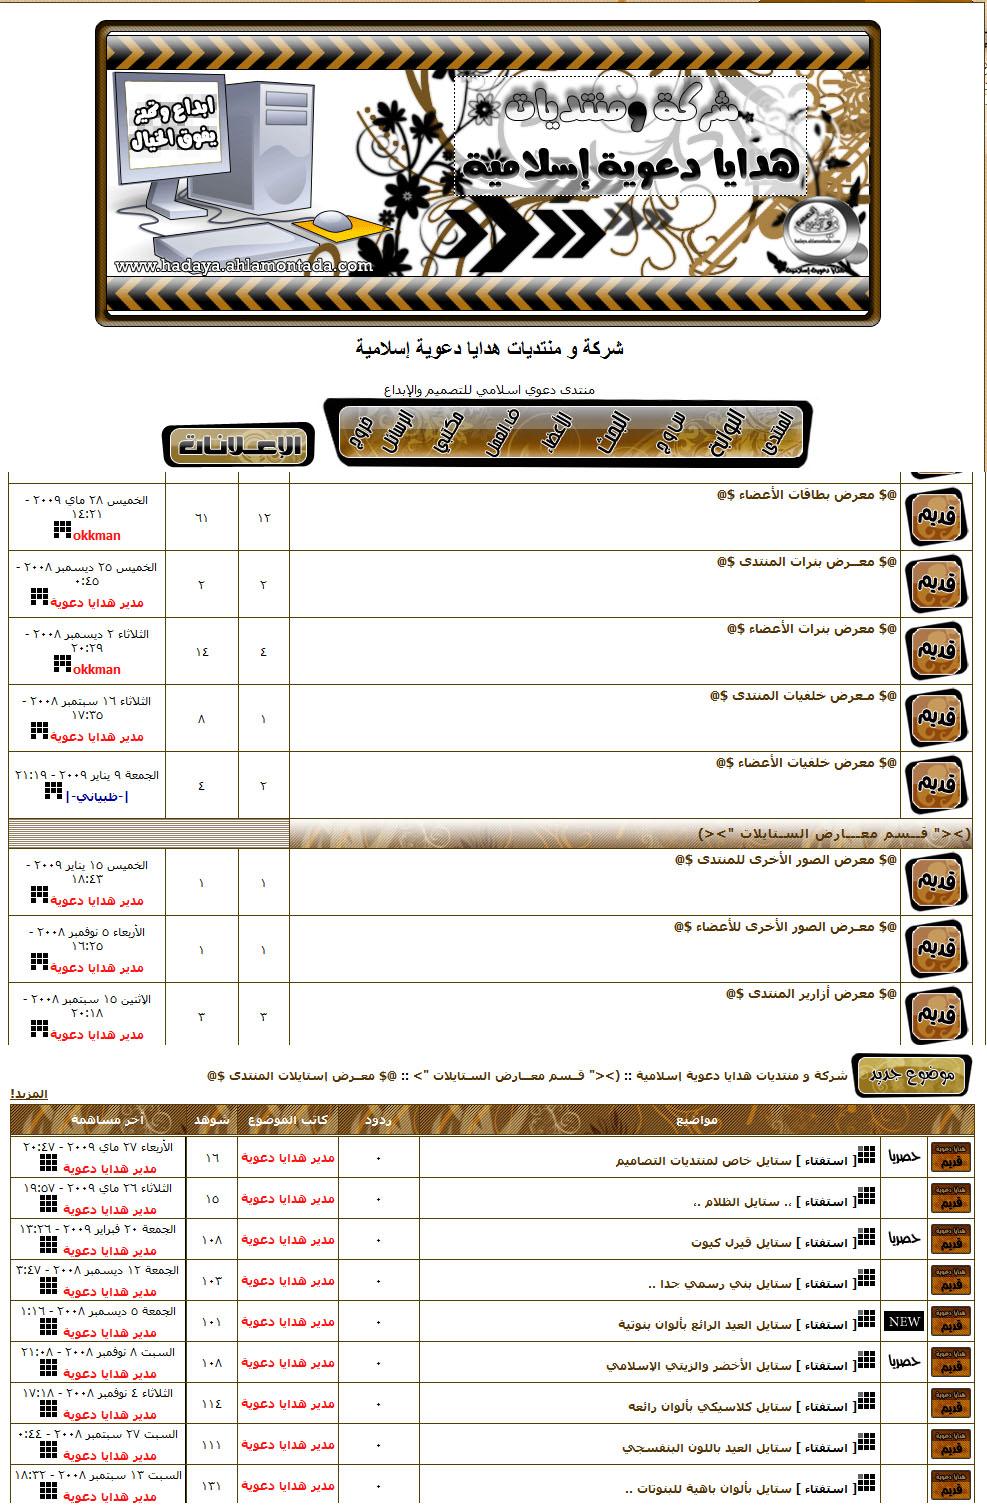 حصري على pubarab فقط: مسابقة اجمل منتدى بدعم من شركة ahlamontada - صفحة 4 Z493504b511